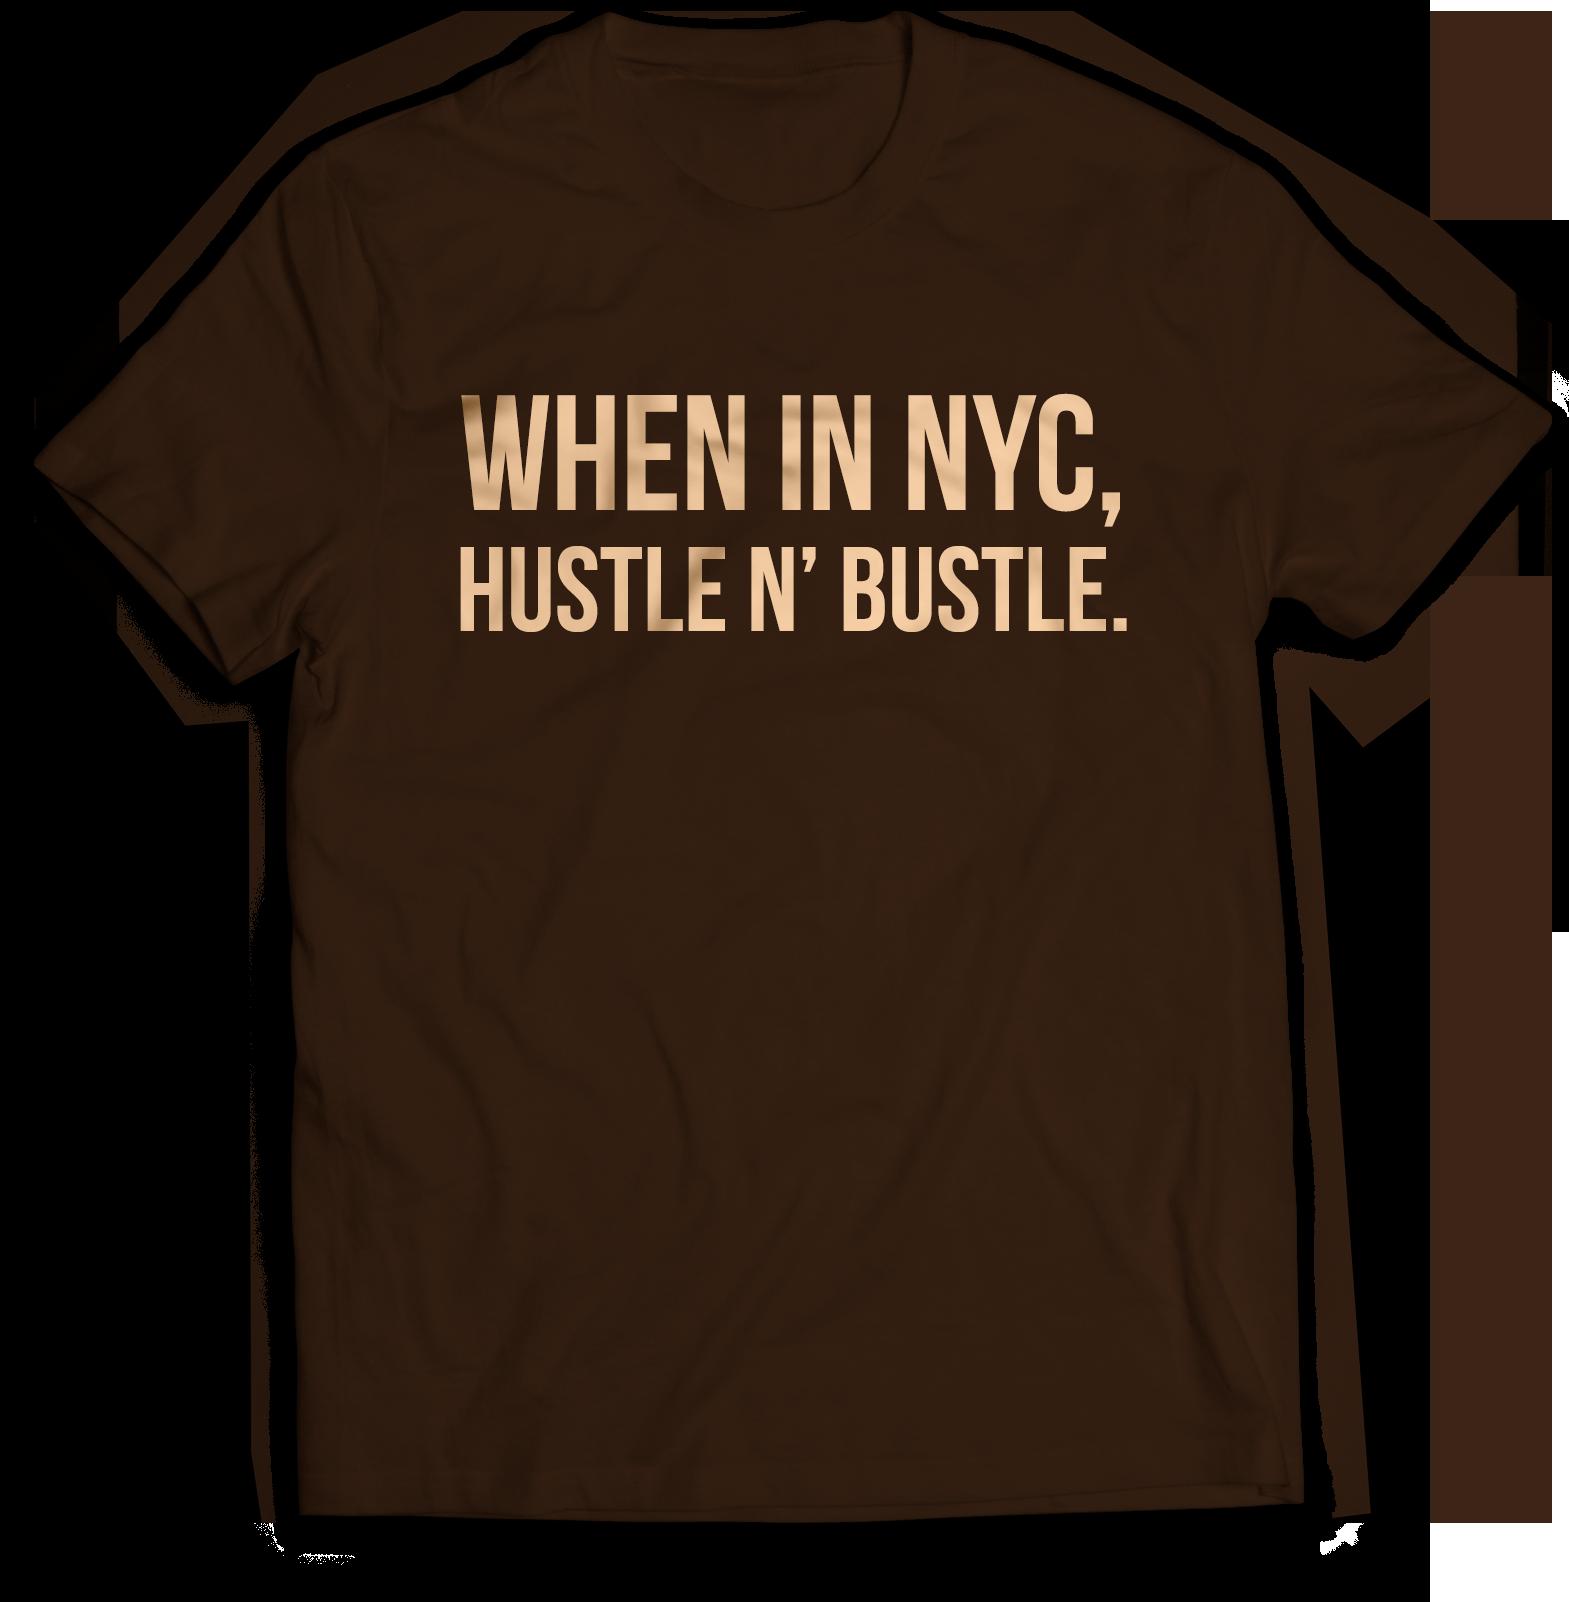 When In NYC, Hustle N' Bustle.